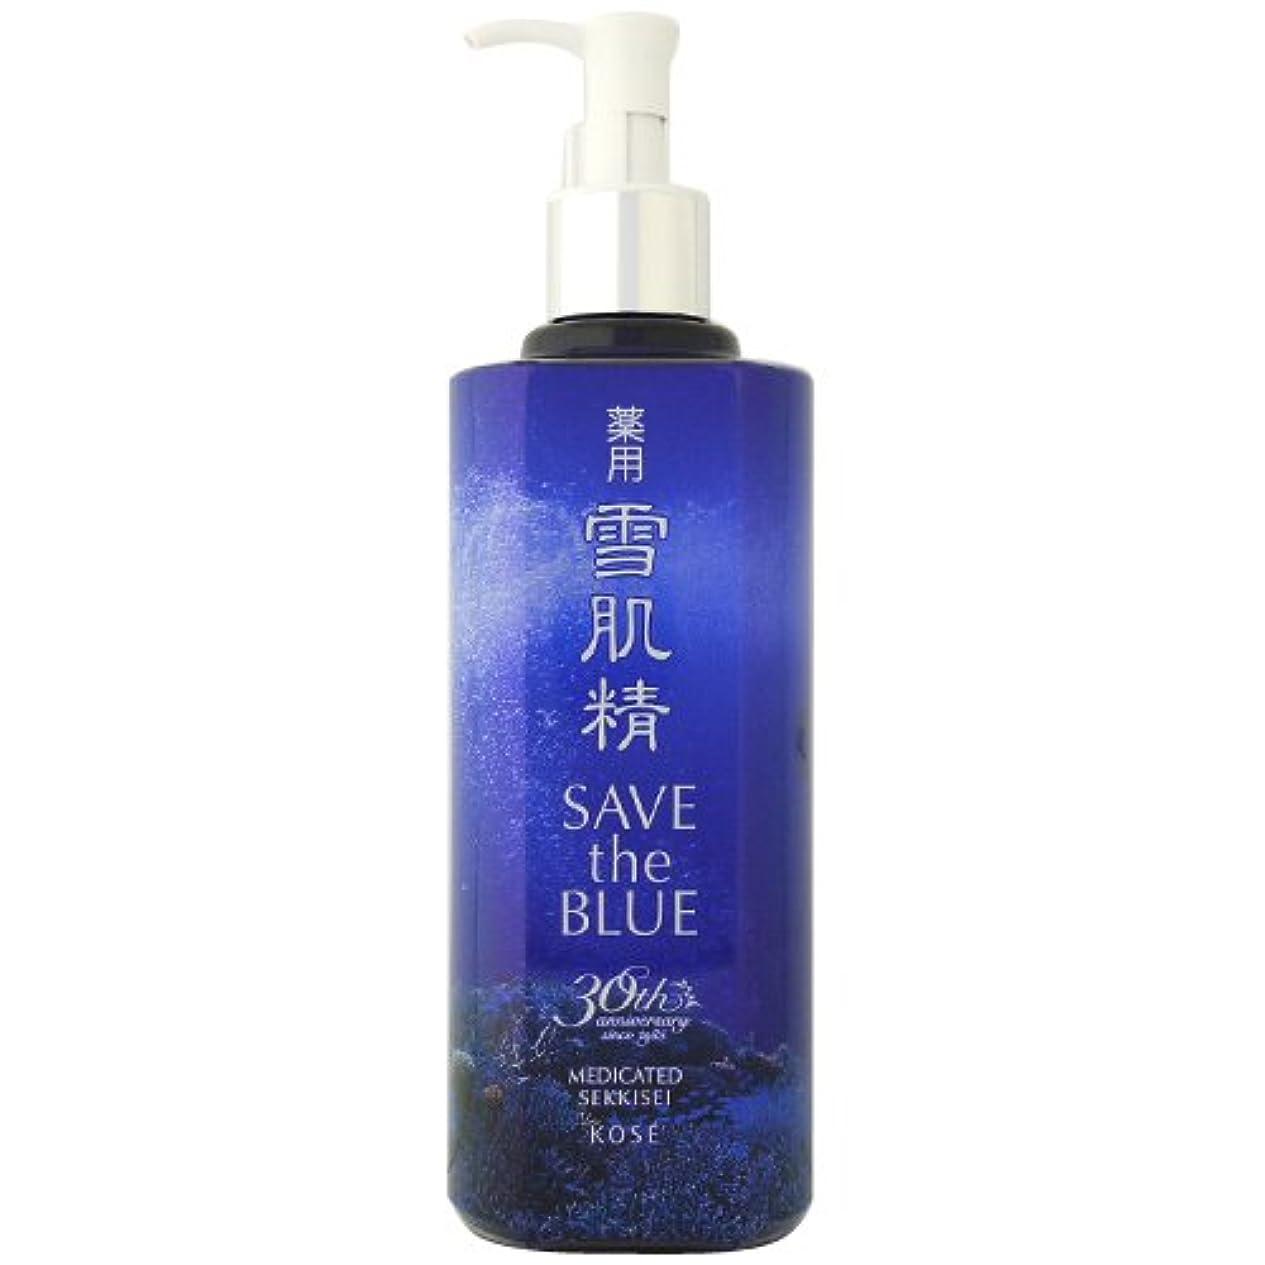 つぶやき喜劇共同選択コーセー 薬用 雪肌精(SAVE the BLUE ボトル) 500mL 【限定】